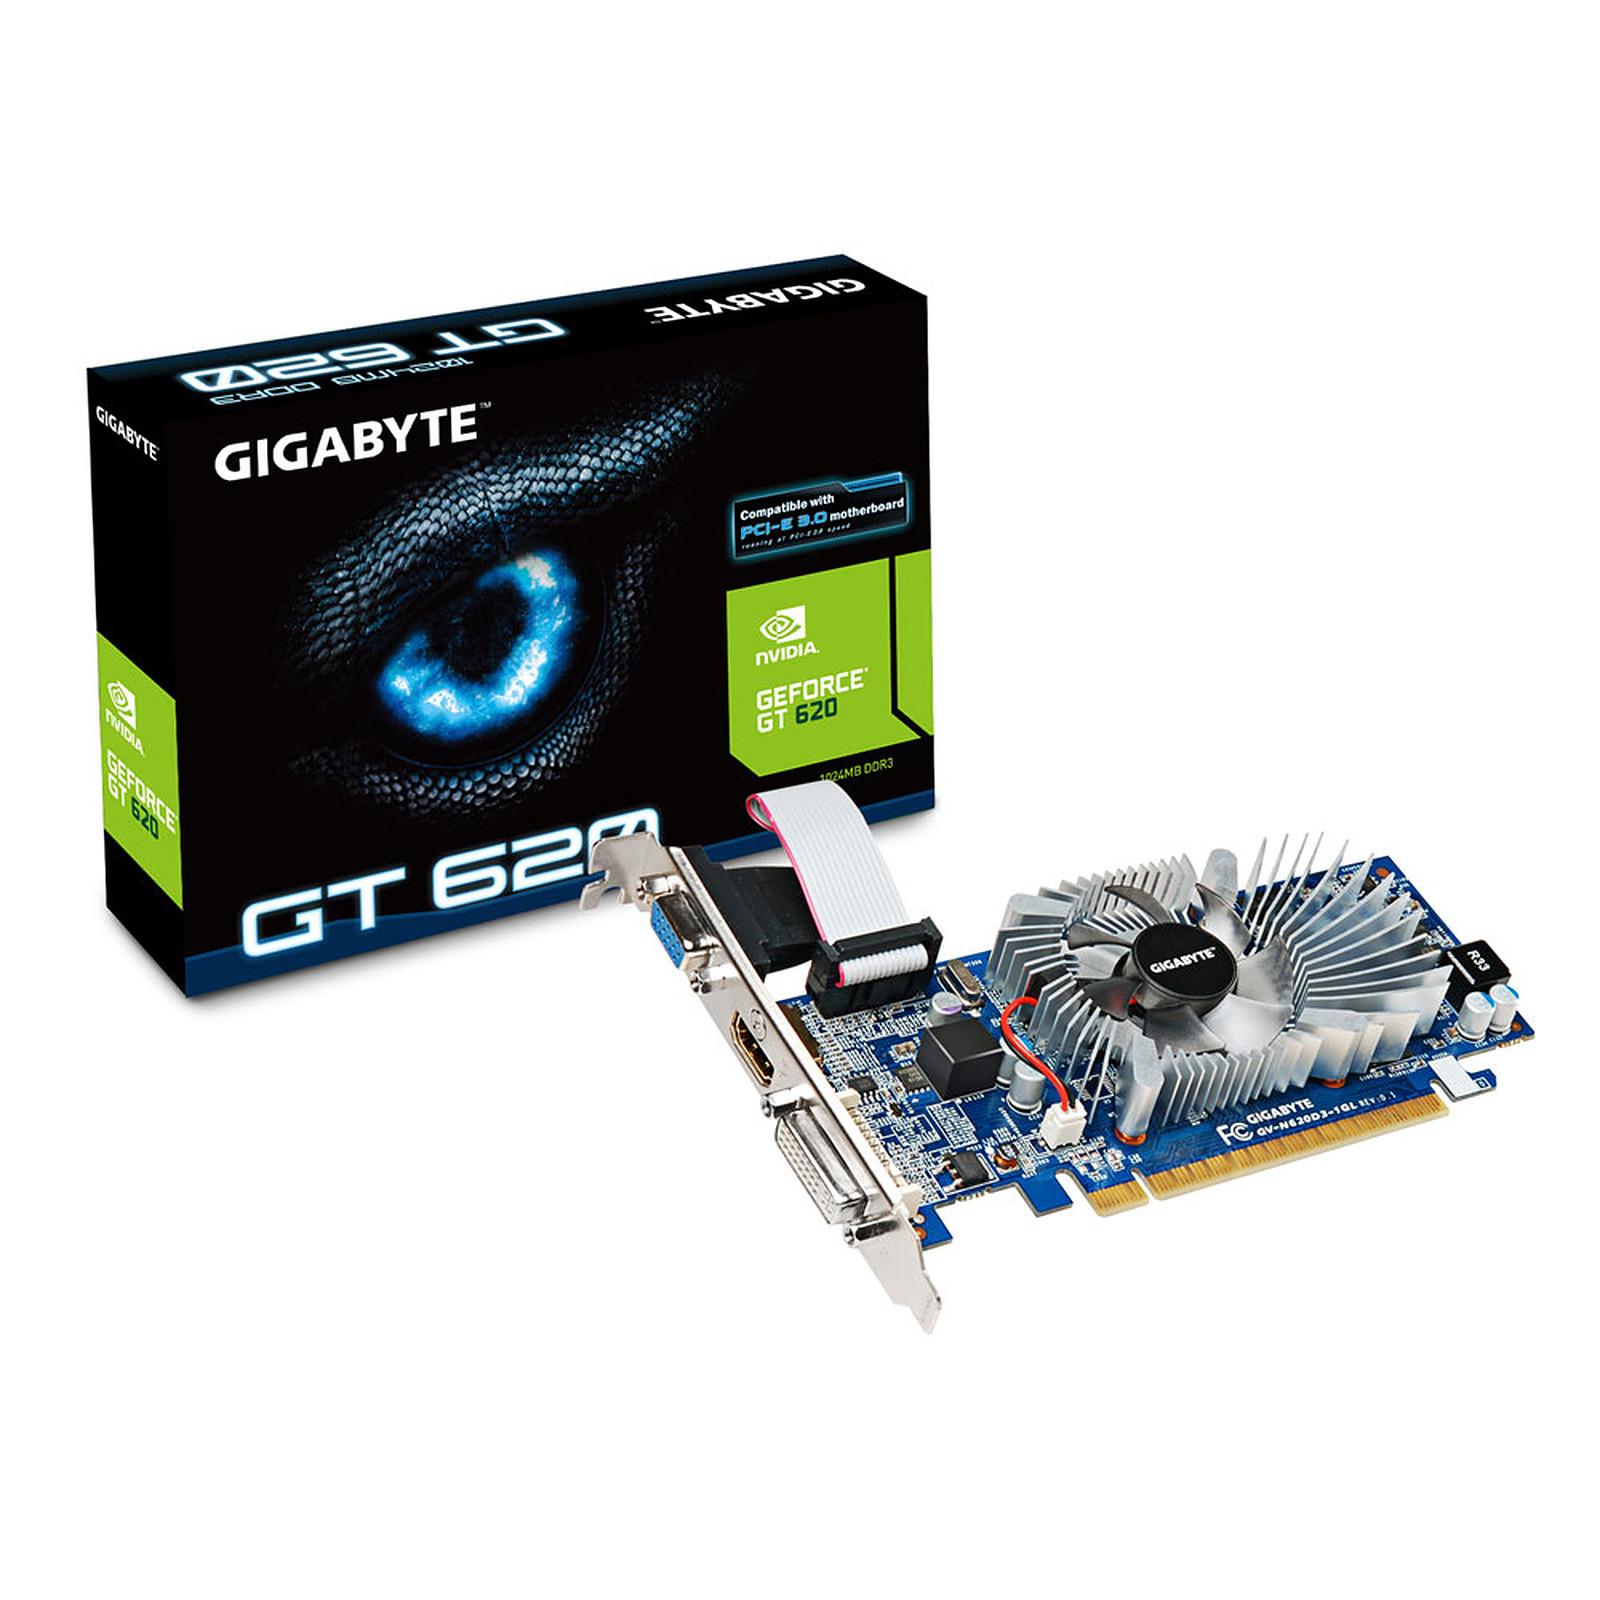 Gigabyte GV-N620D3-1GL 1GB